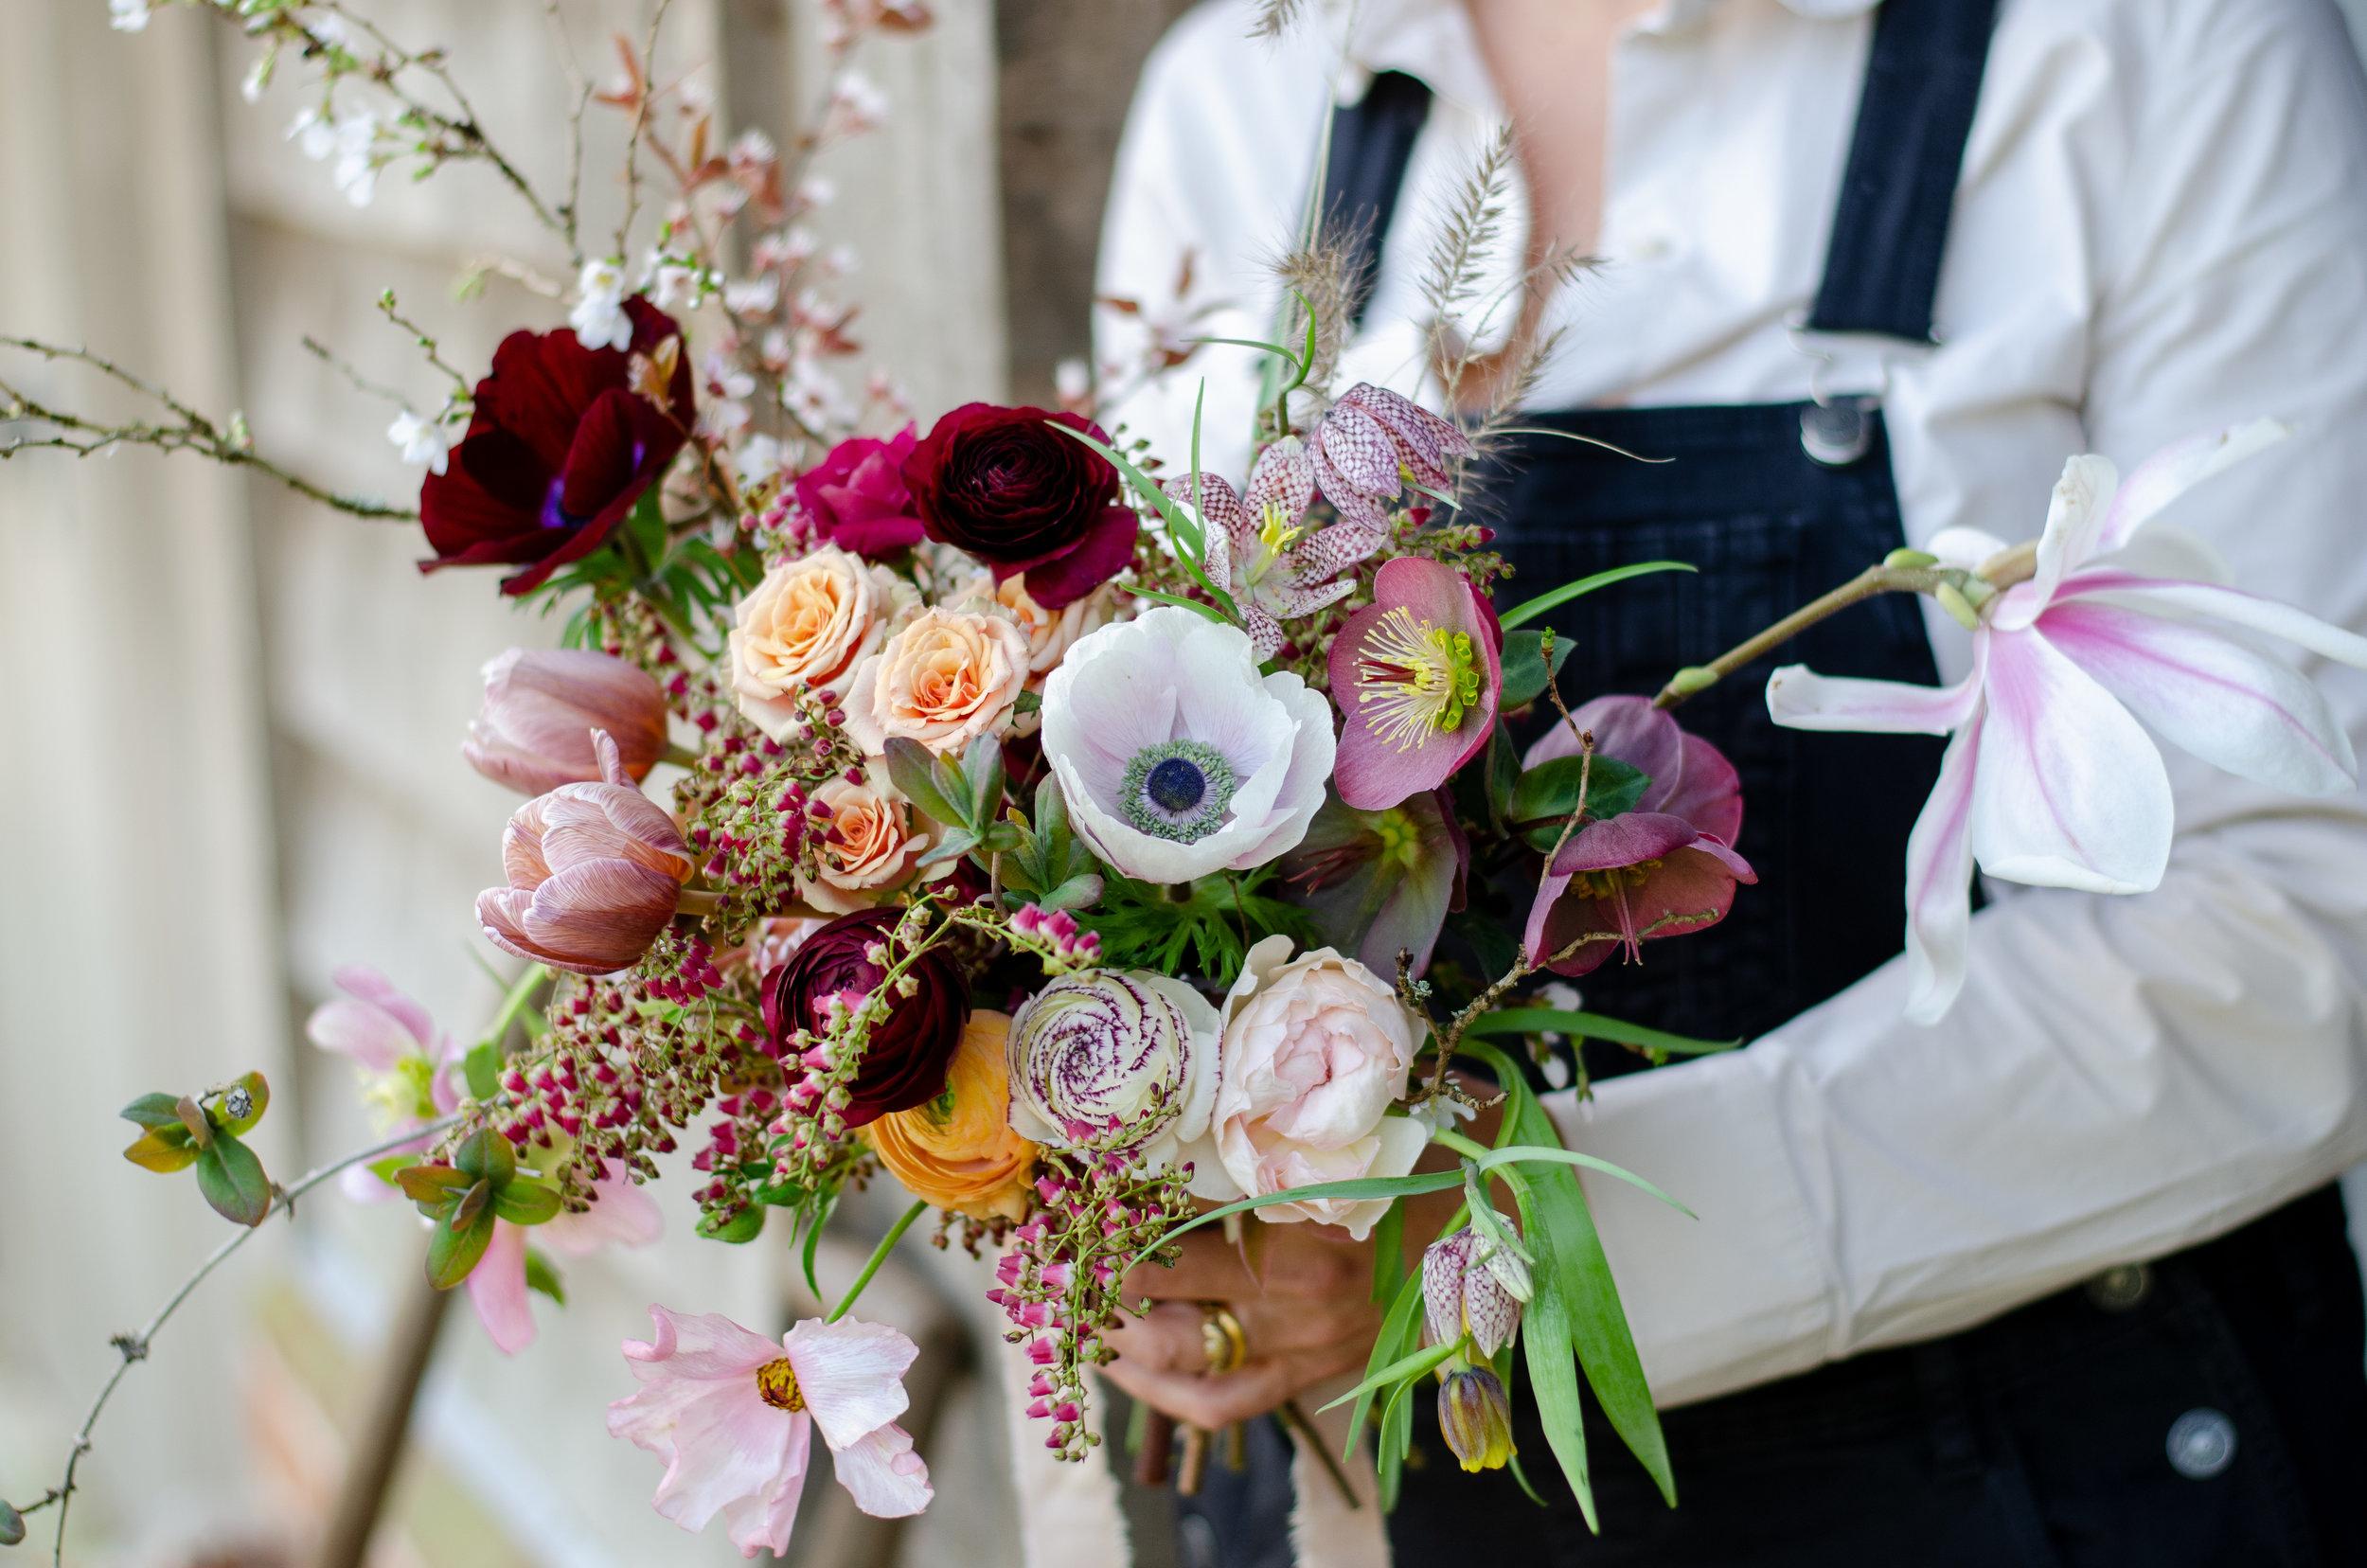 Jo's beautiful bouquet